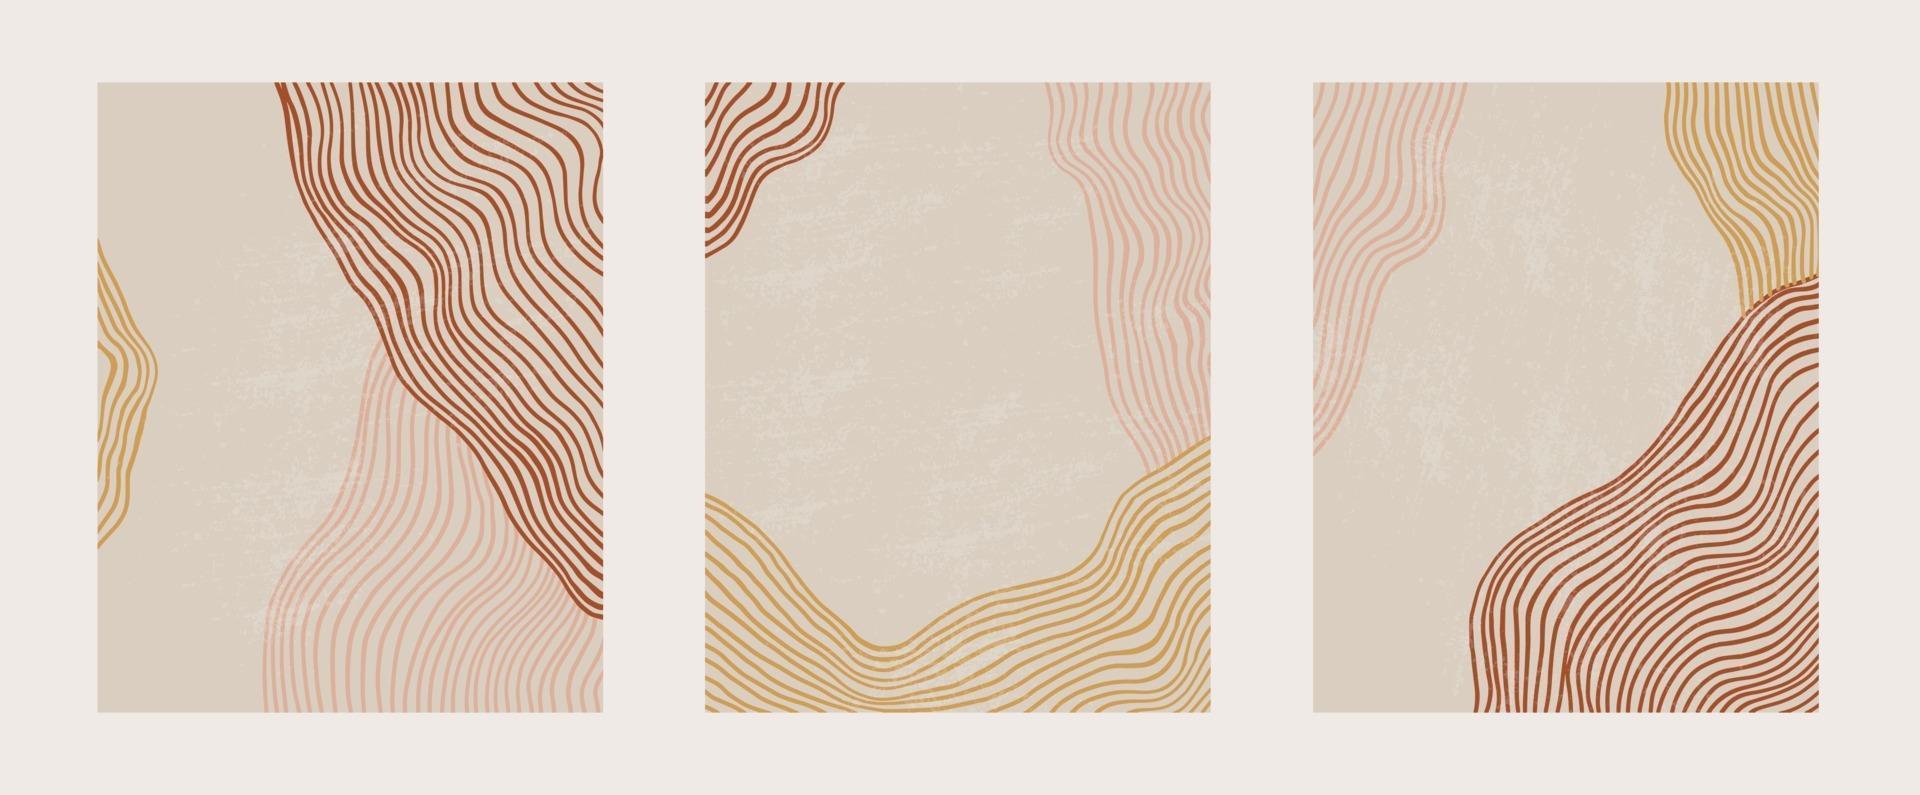 ensemble contemporain à la mode de modèle de paysage d'art composition abstraite géométrique minimaliste artistique peint à la main. affiches de vecteur pour la décoration murale dans un style vintage